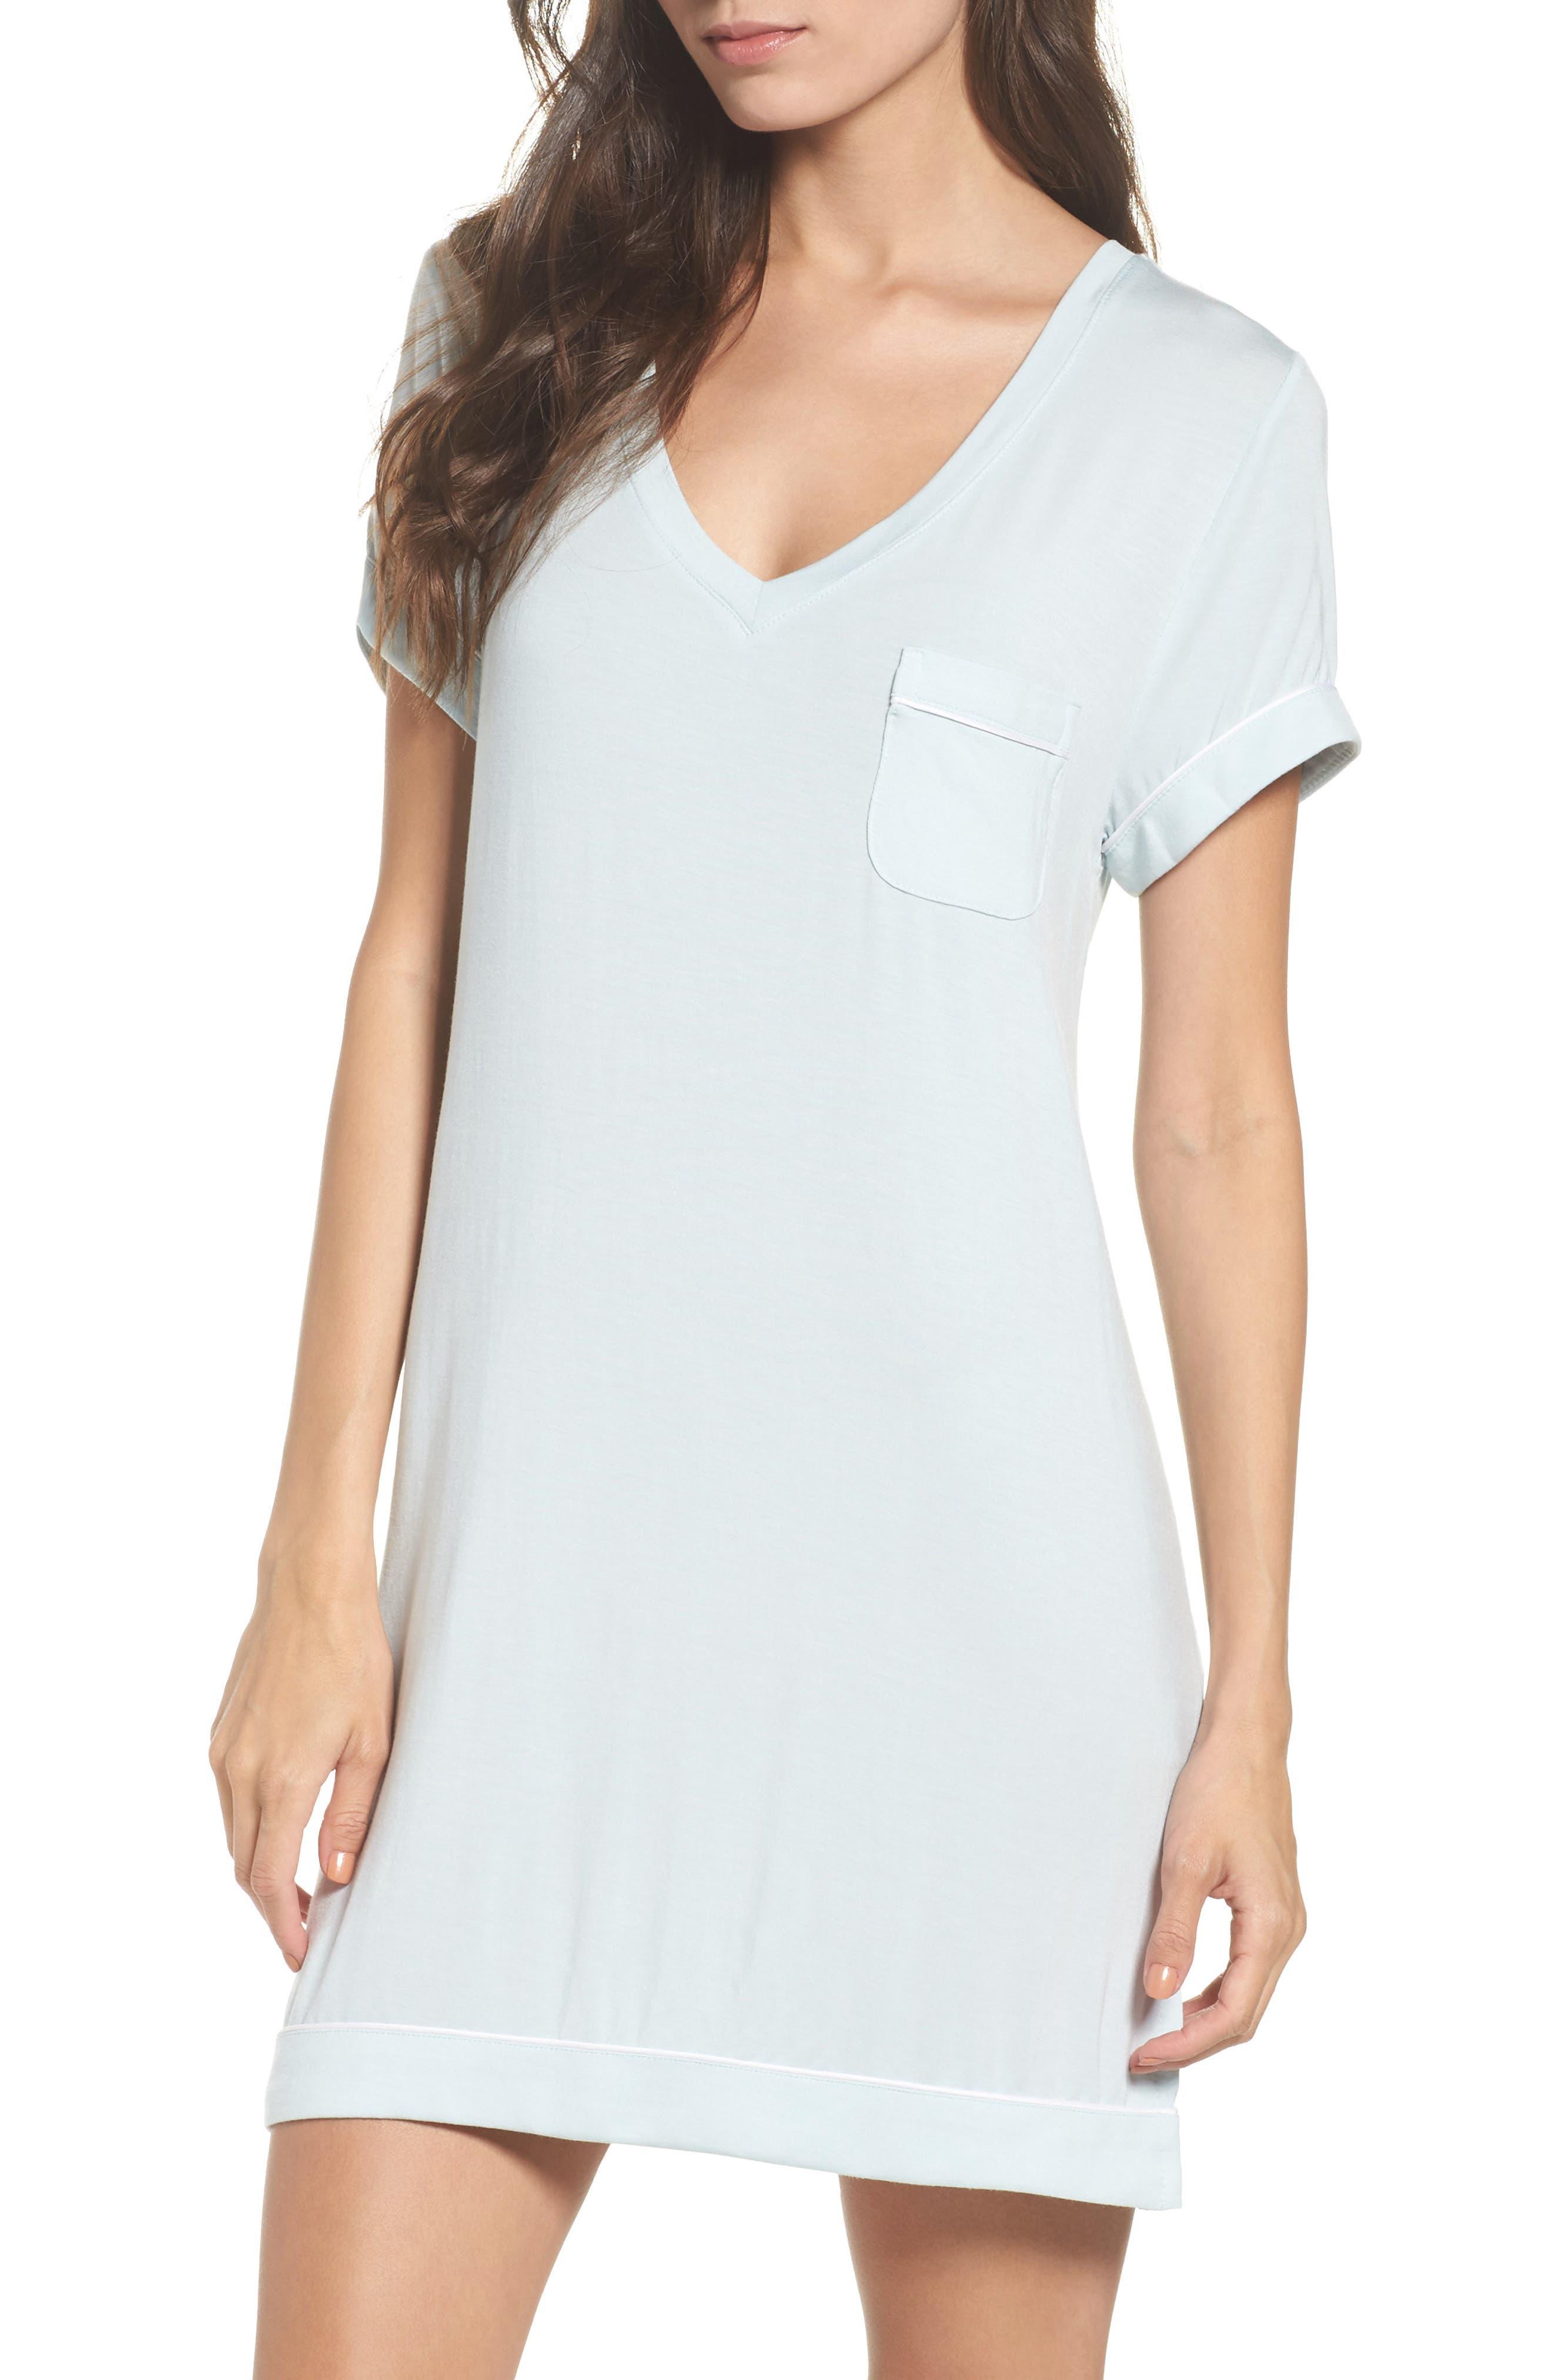 Main Image - Nordstrom Lingerie Moonlight Sleep Shirt